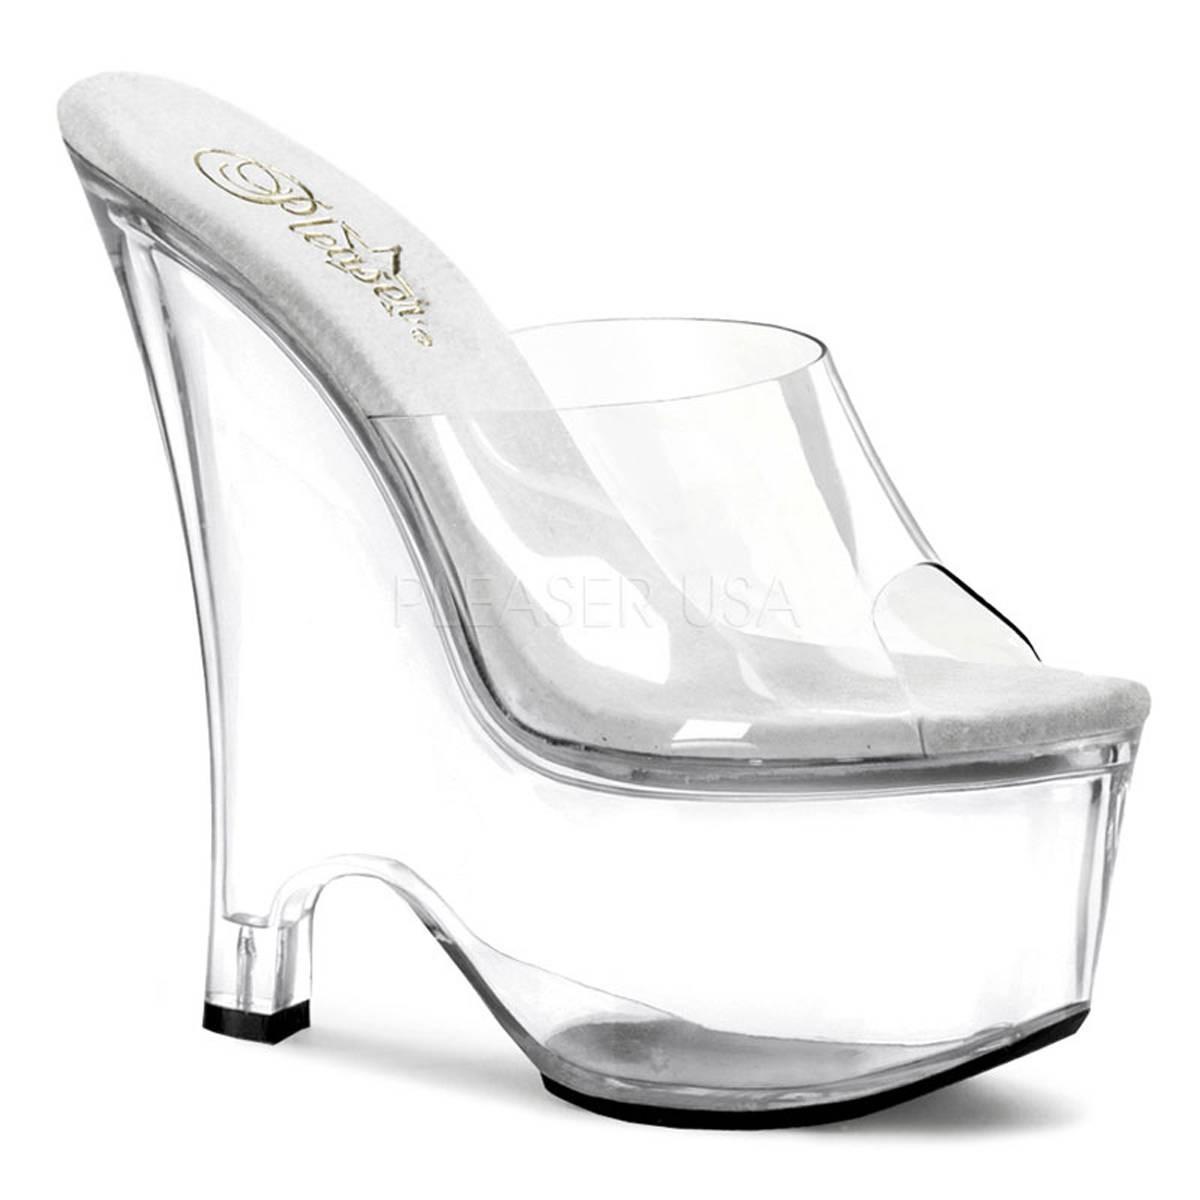 Sandalen - BEAU 601 ° Damen Sandalette ° Transparent Matt ° Pleaser  - Onlineshop RedSixty